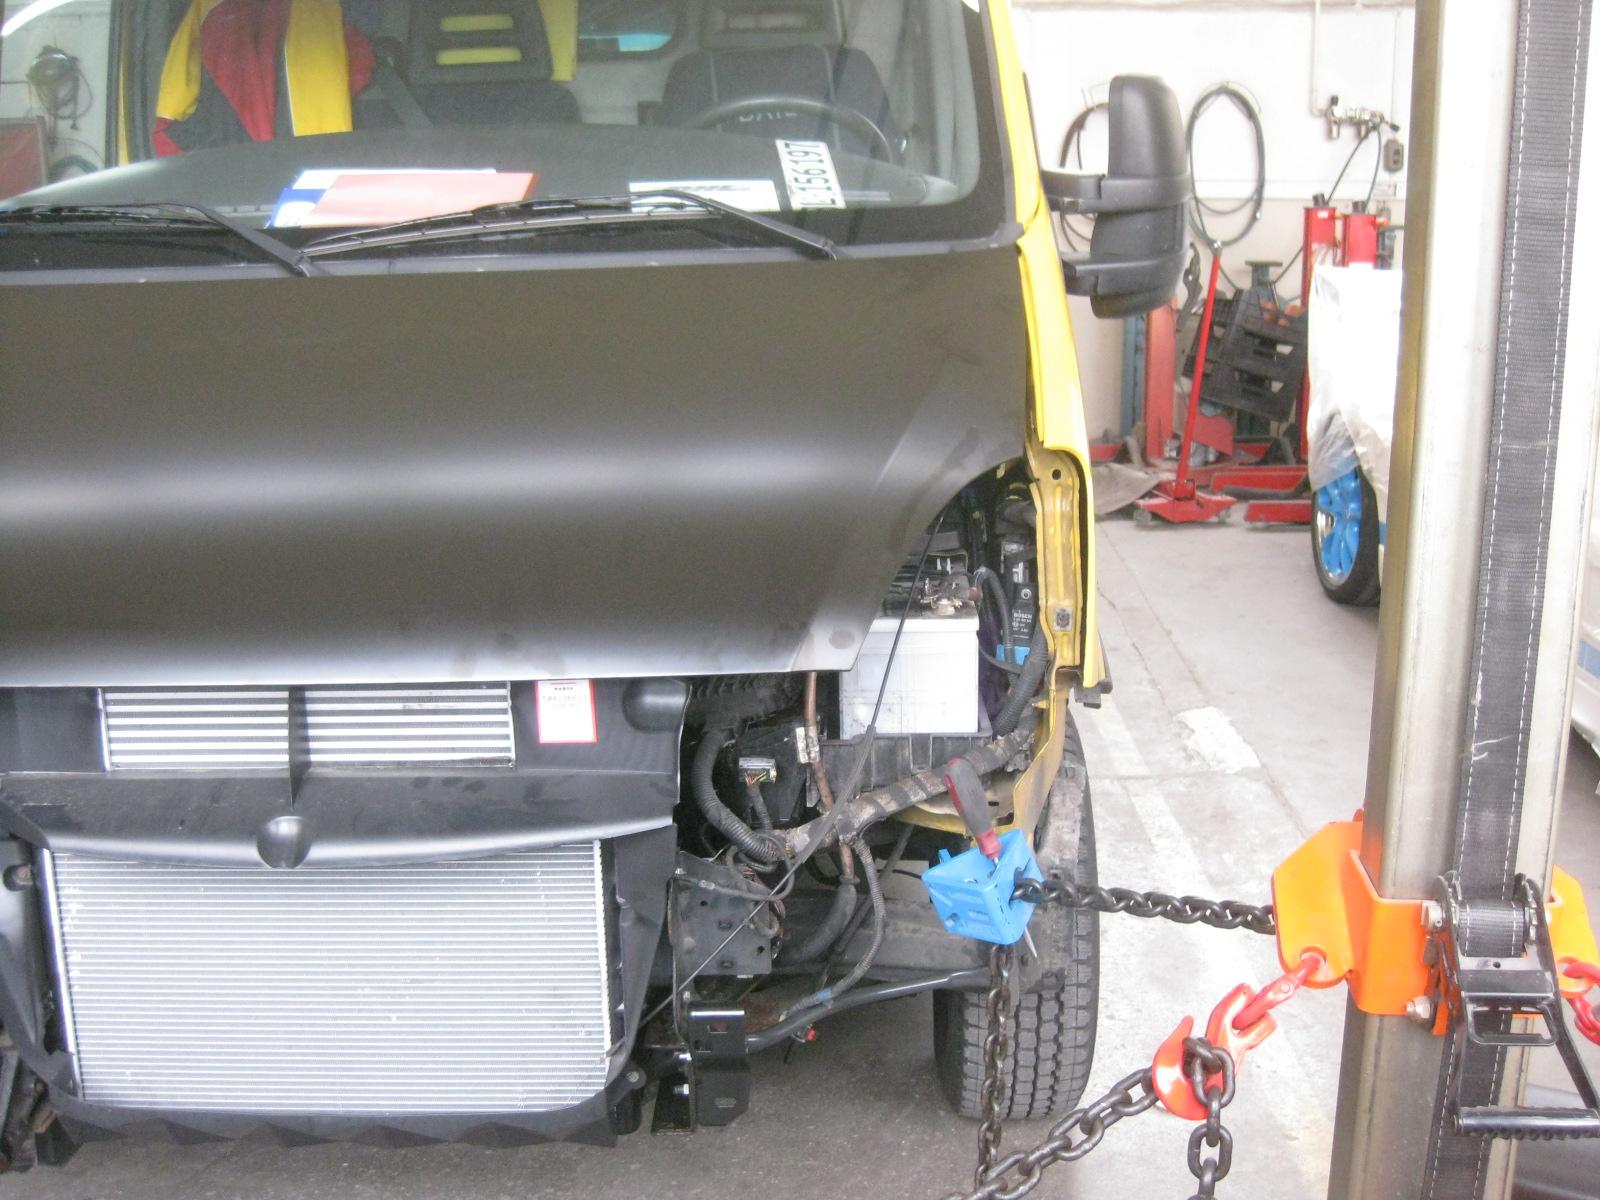 Carrosserie_Sauter_LKW_Reparaturen-010